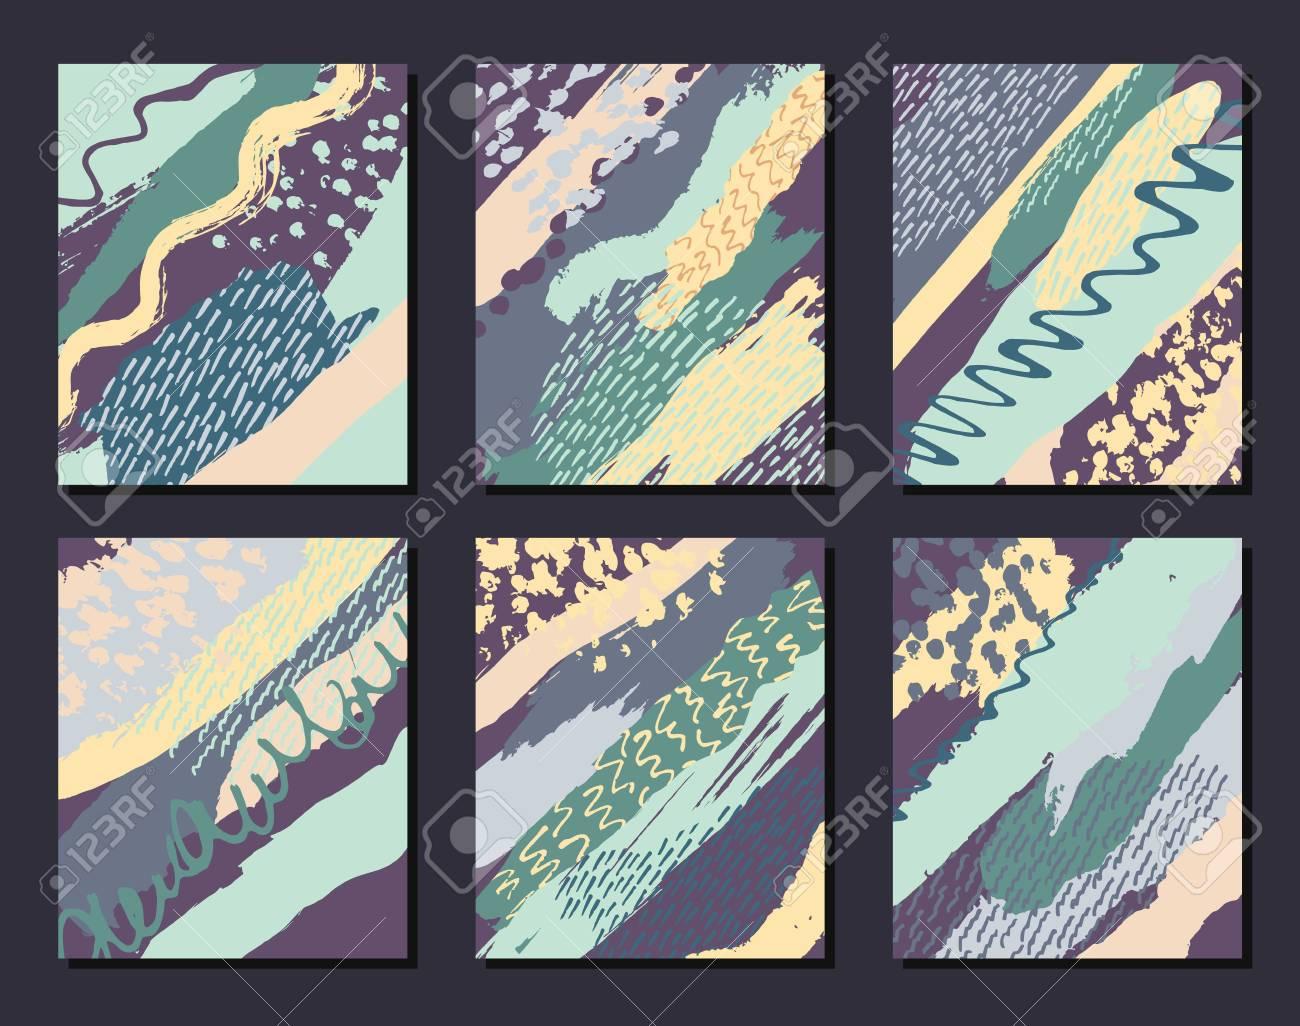 Colección De Modelos De Las Tarjetas Creativas Universales Artísticos Boda Aniversario Cumpleaños Día De San Valentín Fiesta Cartel Tarjeta